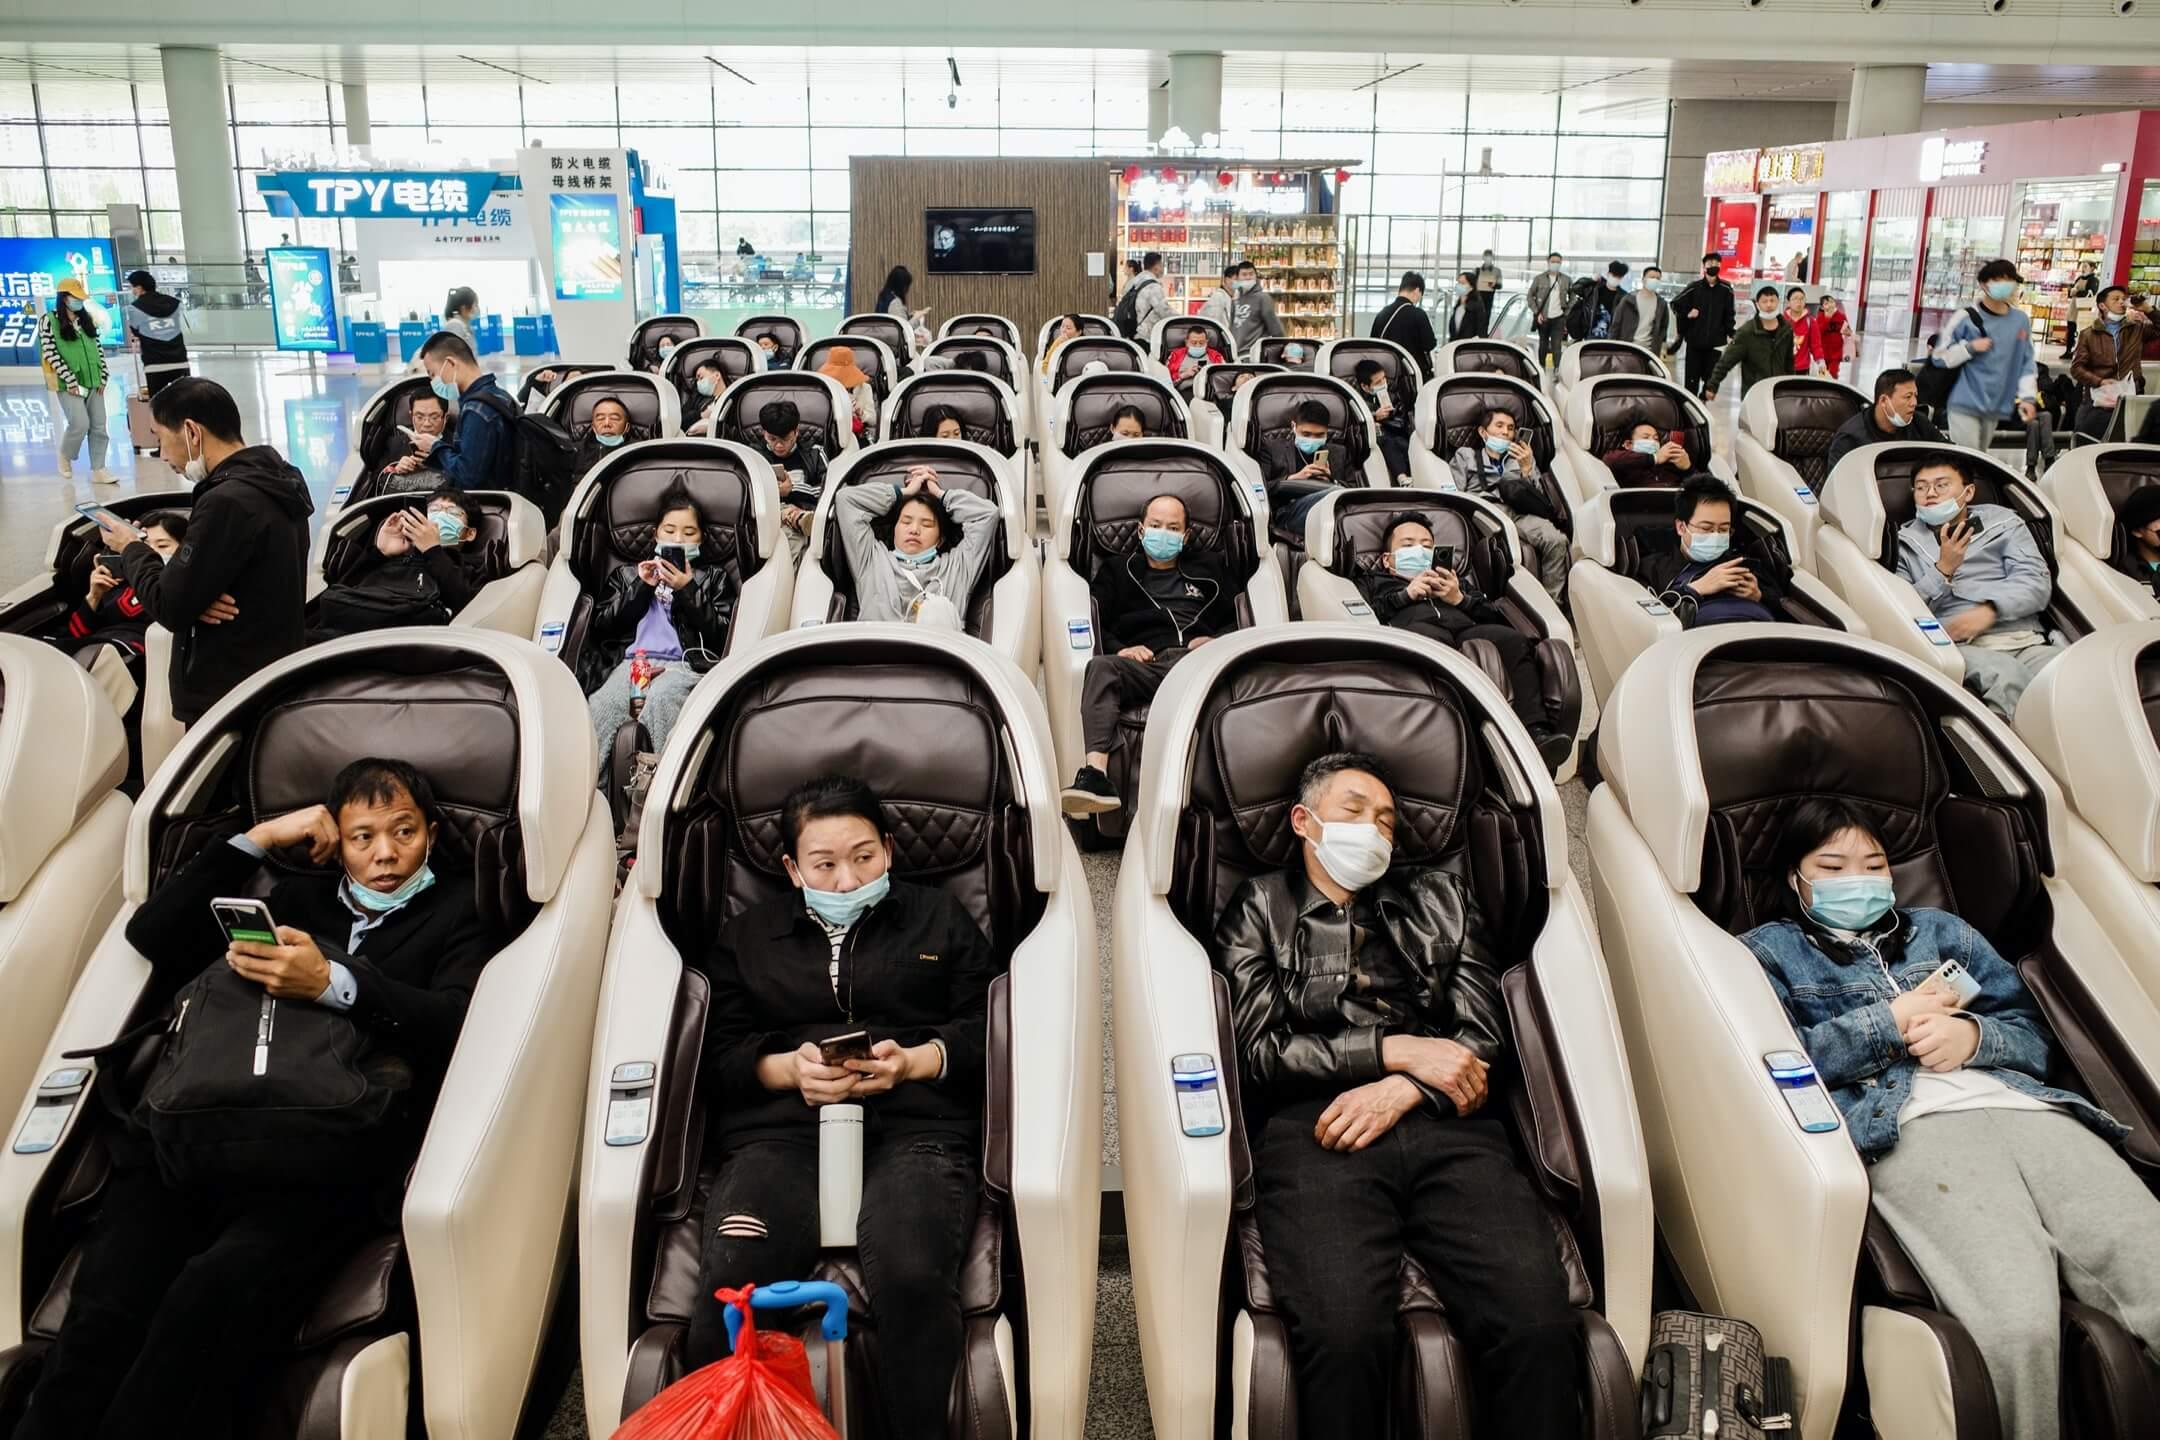 中國南昌鐵路站,乘客們躺在按摩椅上候車。 攝:Zhu Haihua/VCG via Getty Images